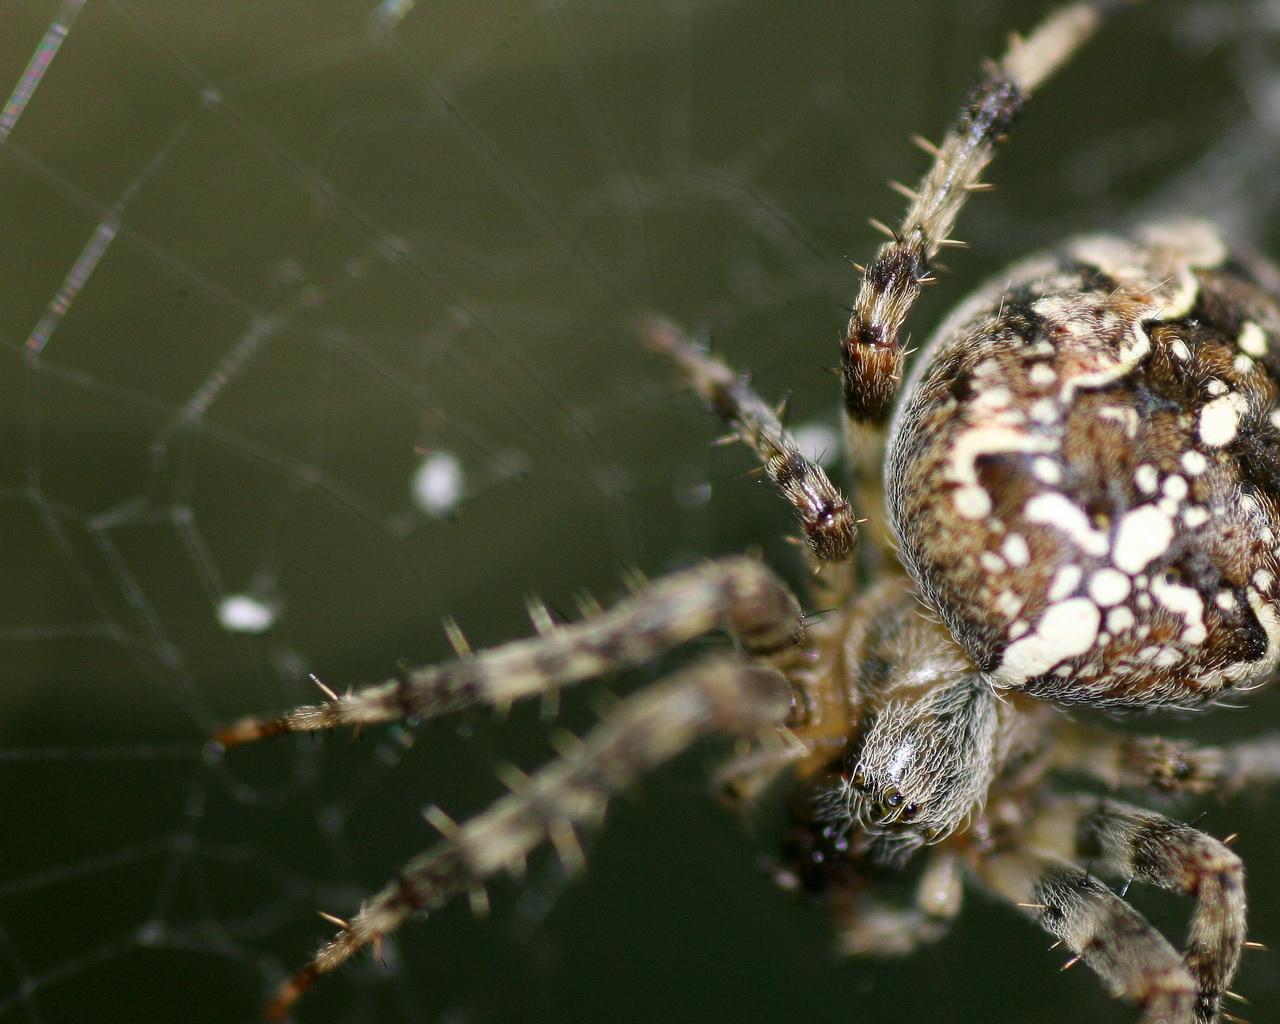 Huge Spider Google Themes Huge Spider Google Wallpapers Huge Spider 1280x1024